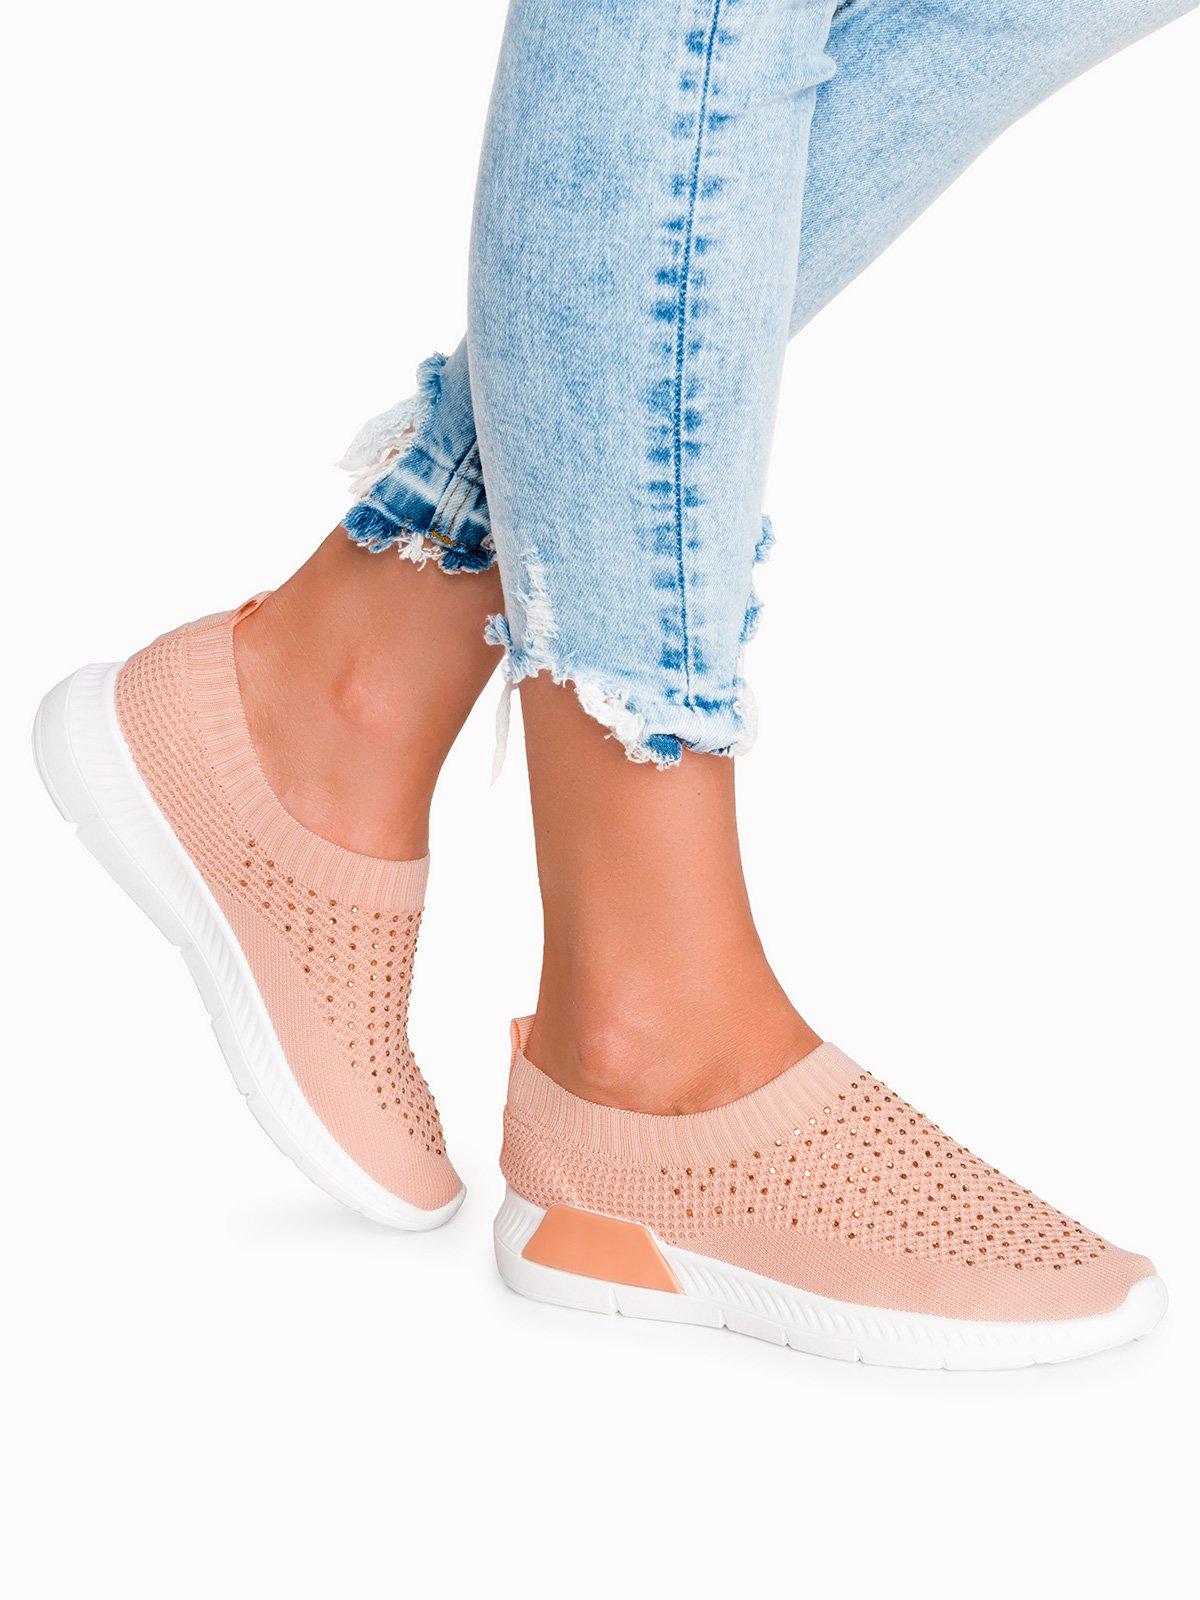 94f8eed0f2f39 Buty sportowe 113LR - koralowe różowy || koralowy | Dla niej \ Wszystkie  Dla niej \ Obuwie \ Wszystkie Dla niej \ Obuwie \ Sportowe - Edoti.com